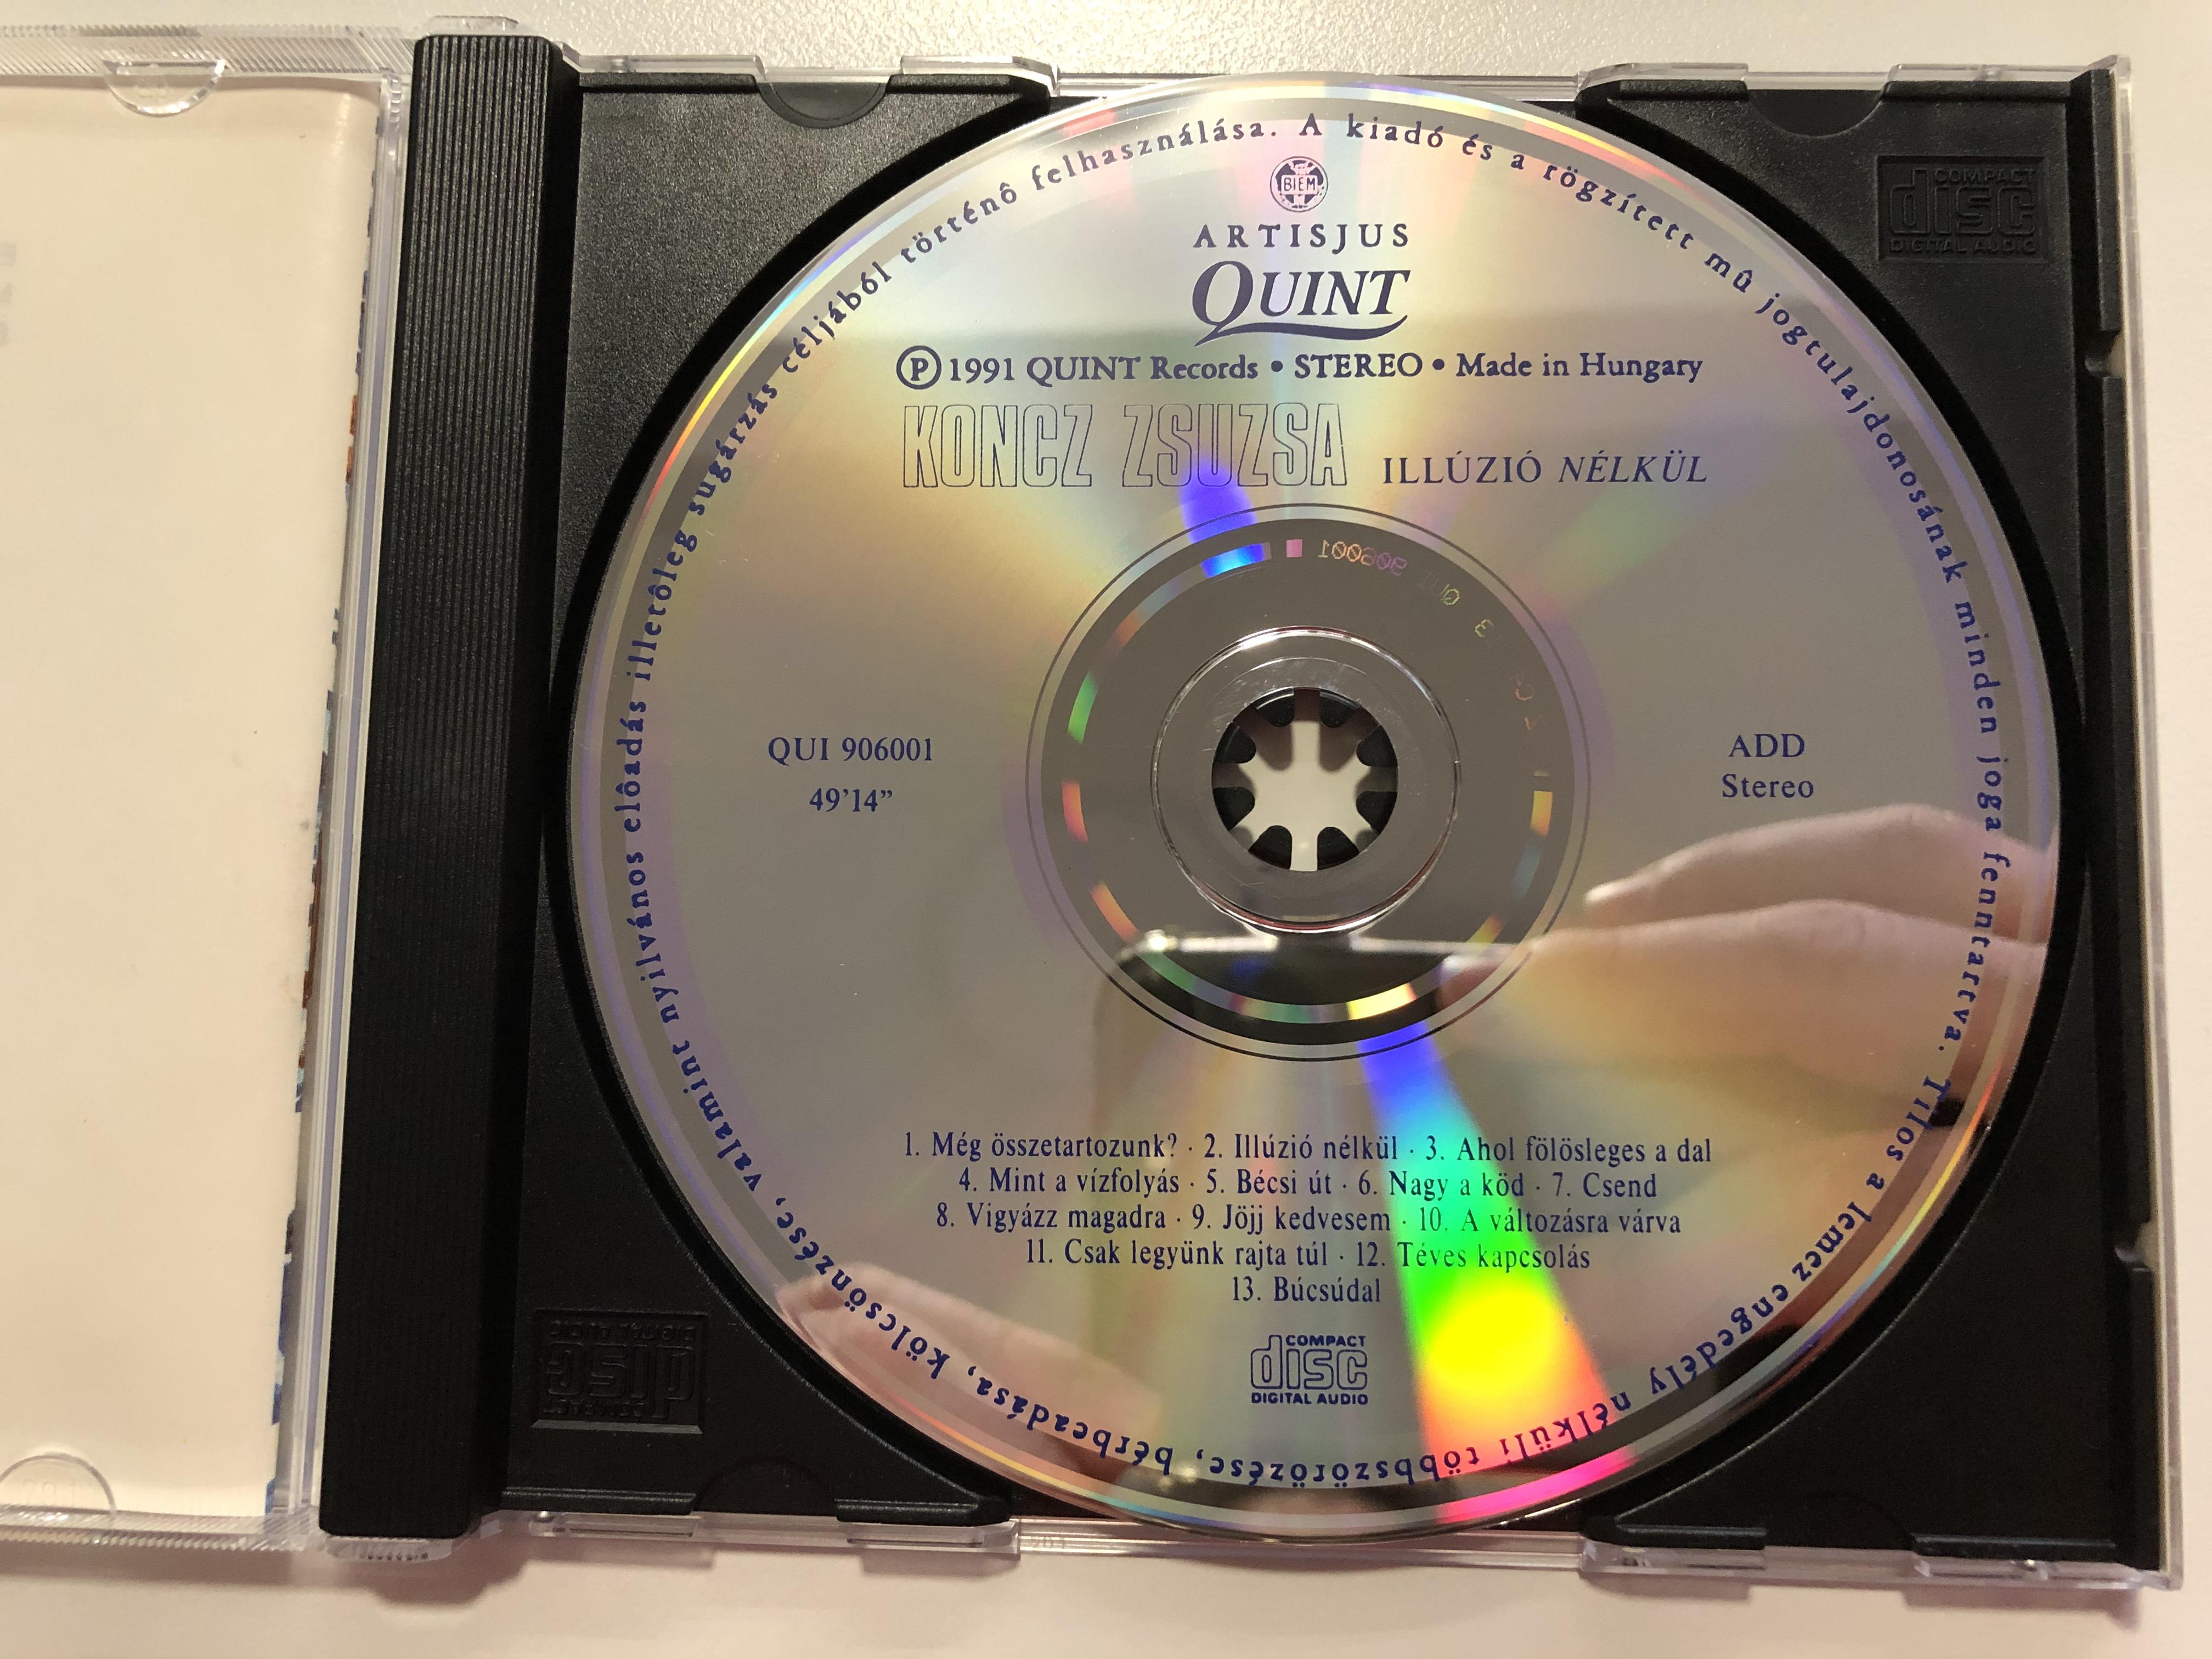 koncz-zsuzsa-ill-zi-n-lk-l-quint-audio-cd-1991-stereo-qui-906001-9-.jpg